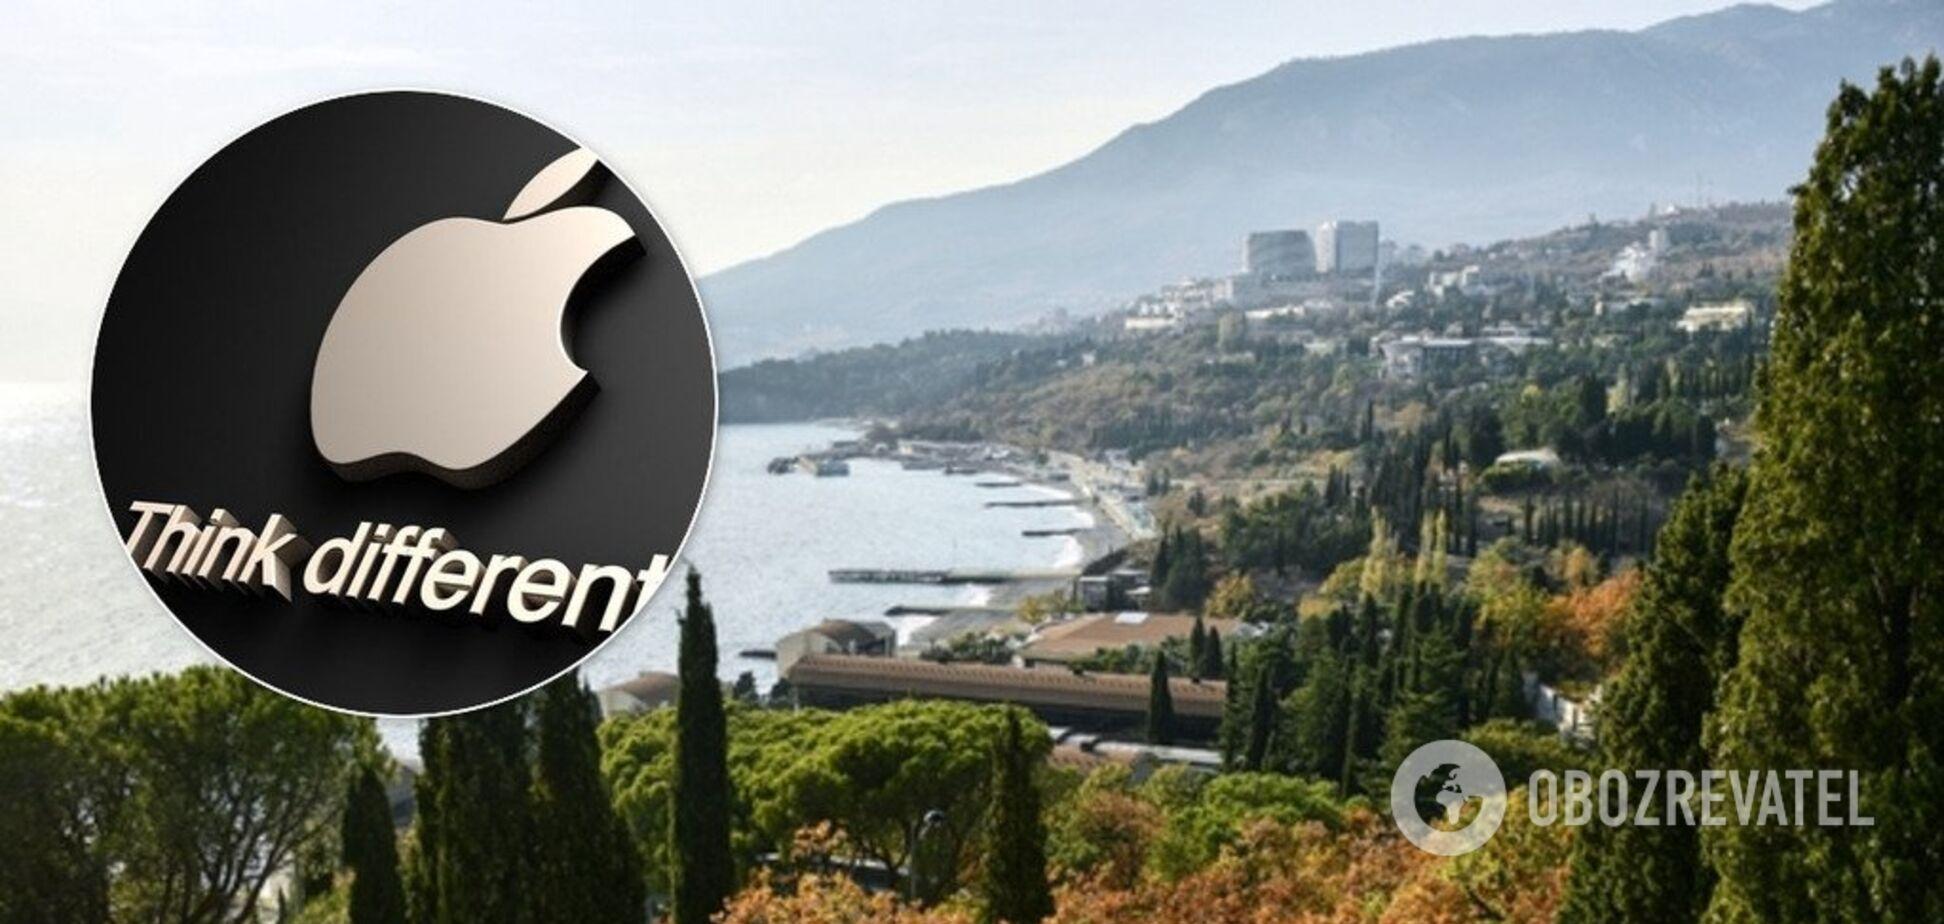 Скандал із Apple і 'російським' Кримом: в соцмережах влаштували протестний флешмоб